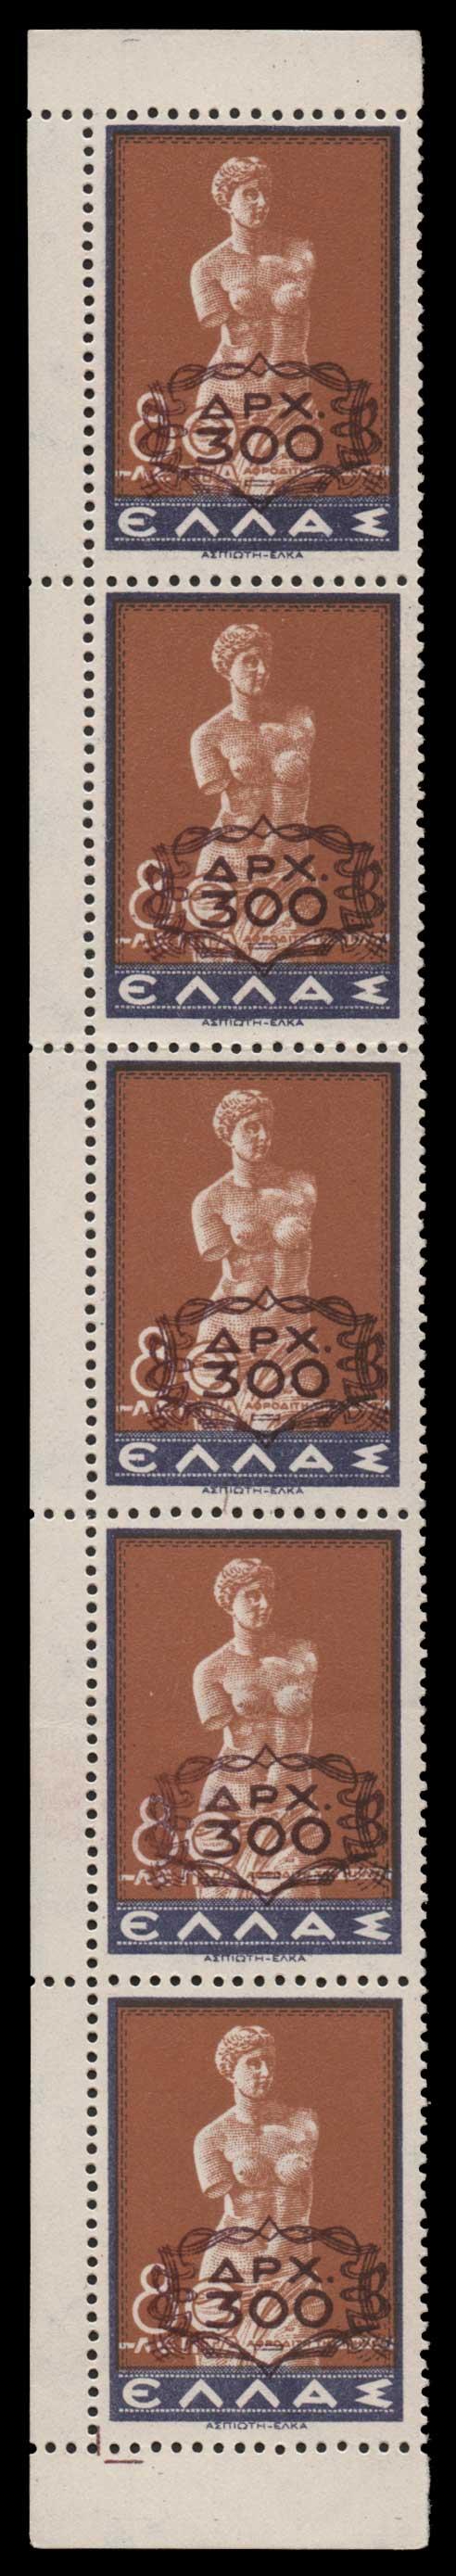 Lot 793 - GREECE- 1945-2013 1945-2013 -  Athens Auctions Public Auction 55 General Stamp Sale